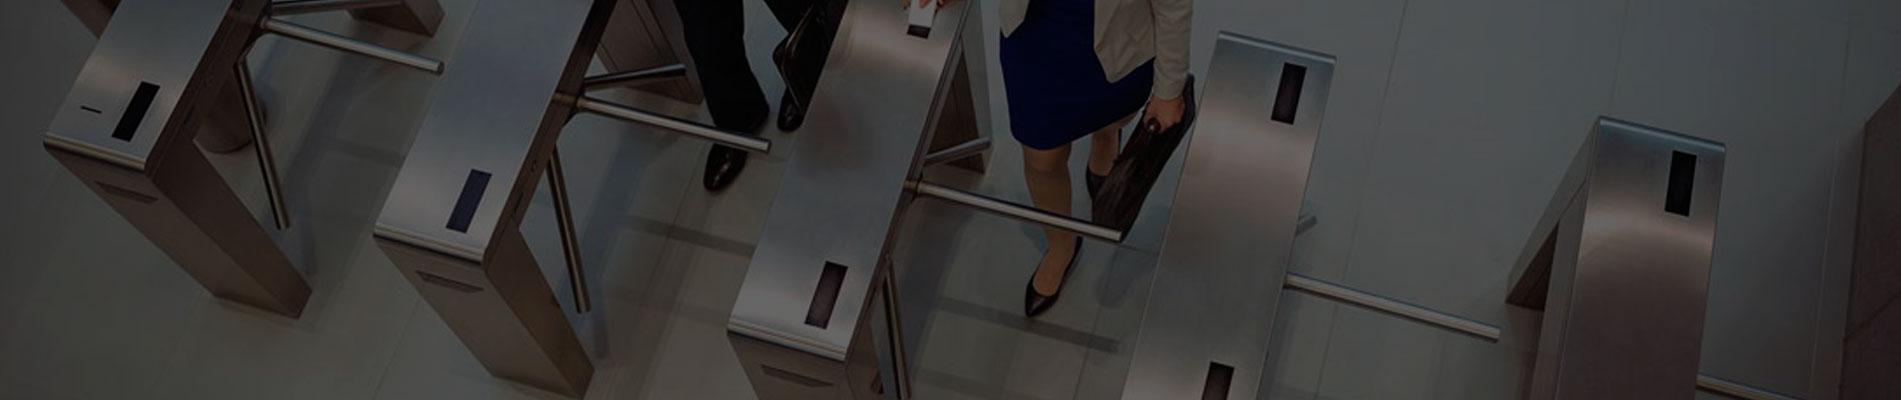 Системы контроля доступа (СКУД) – Установка и монтаж СКУД в Киеве